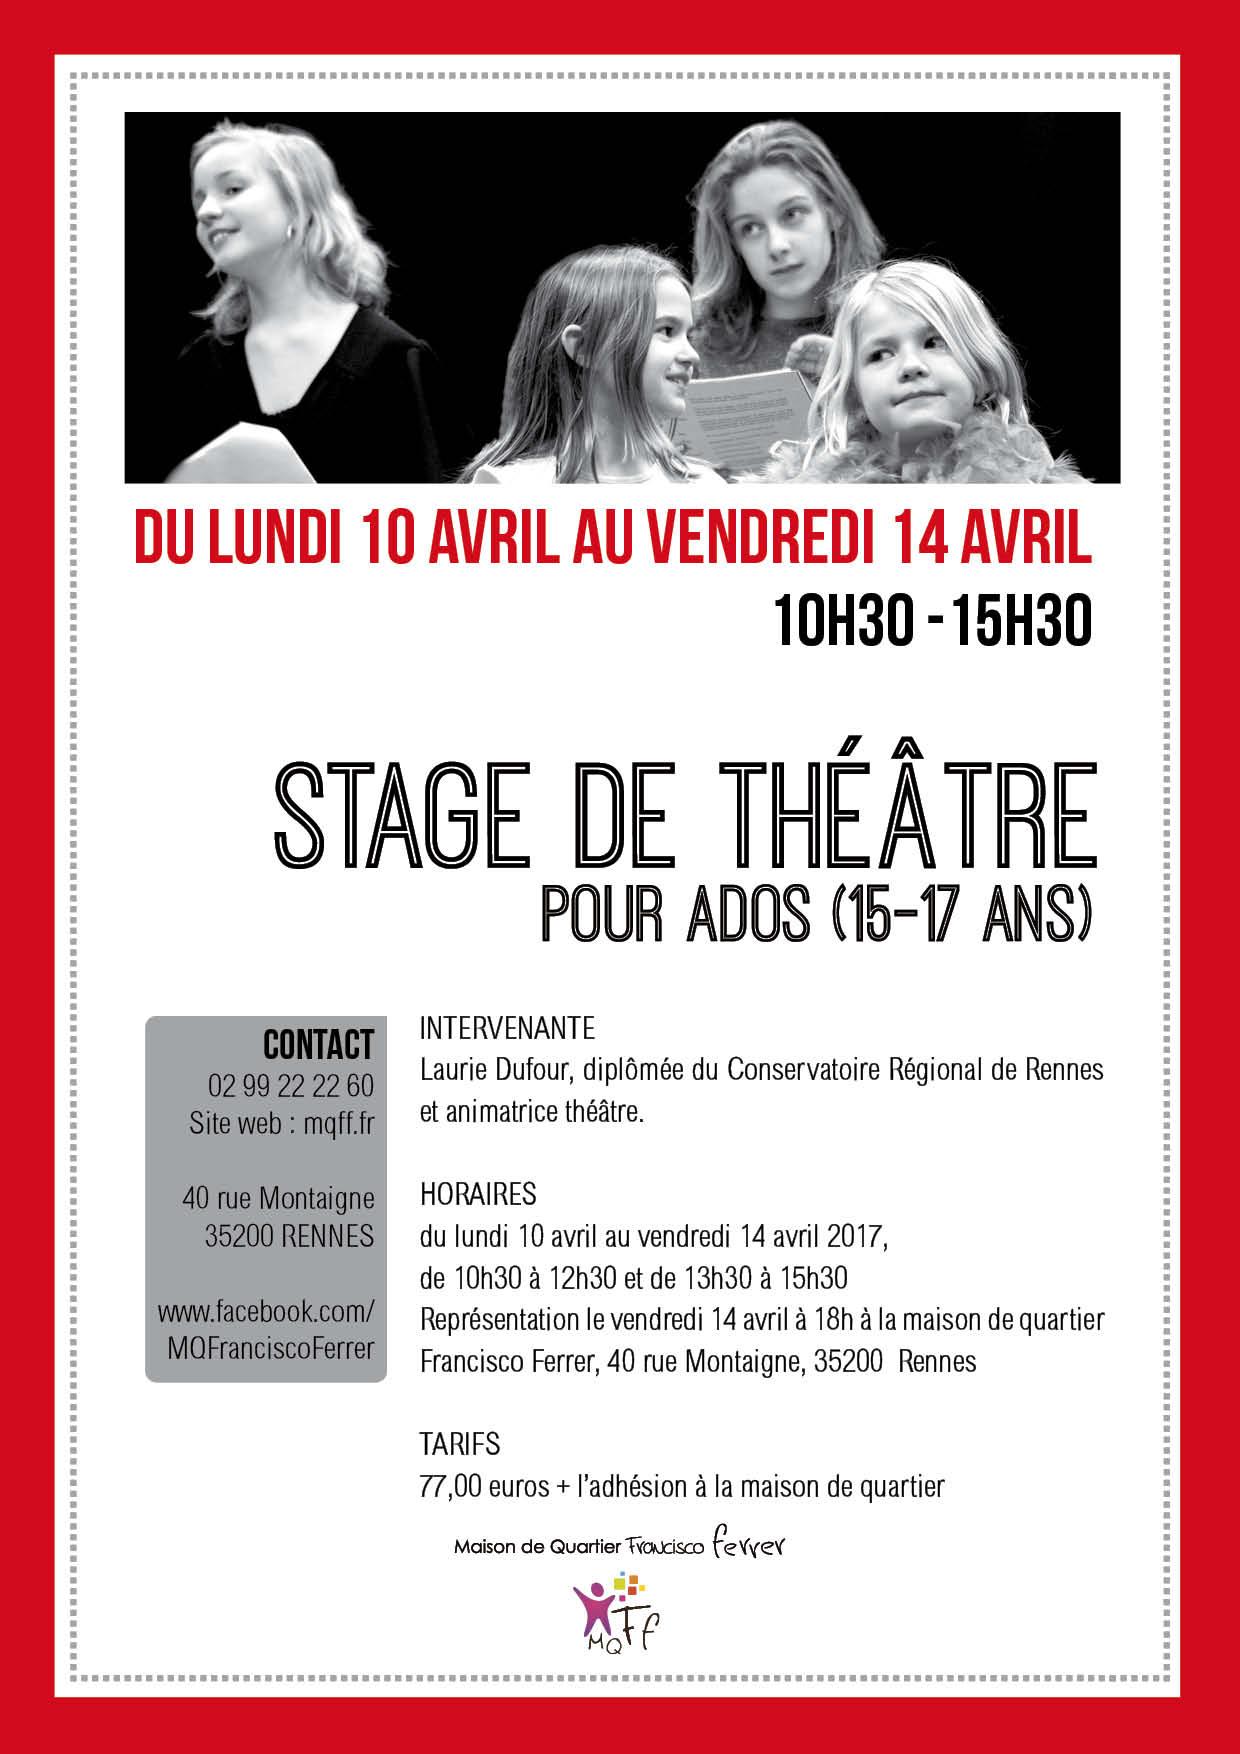 17-03-15_AFFICHE_Stage-theatre.jpg